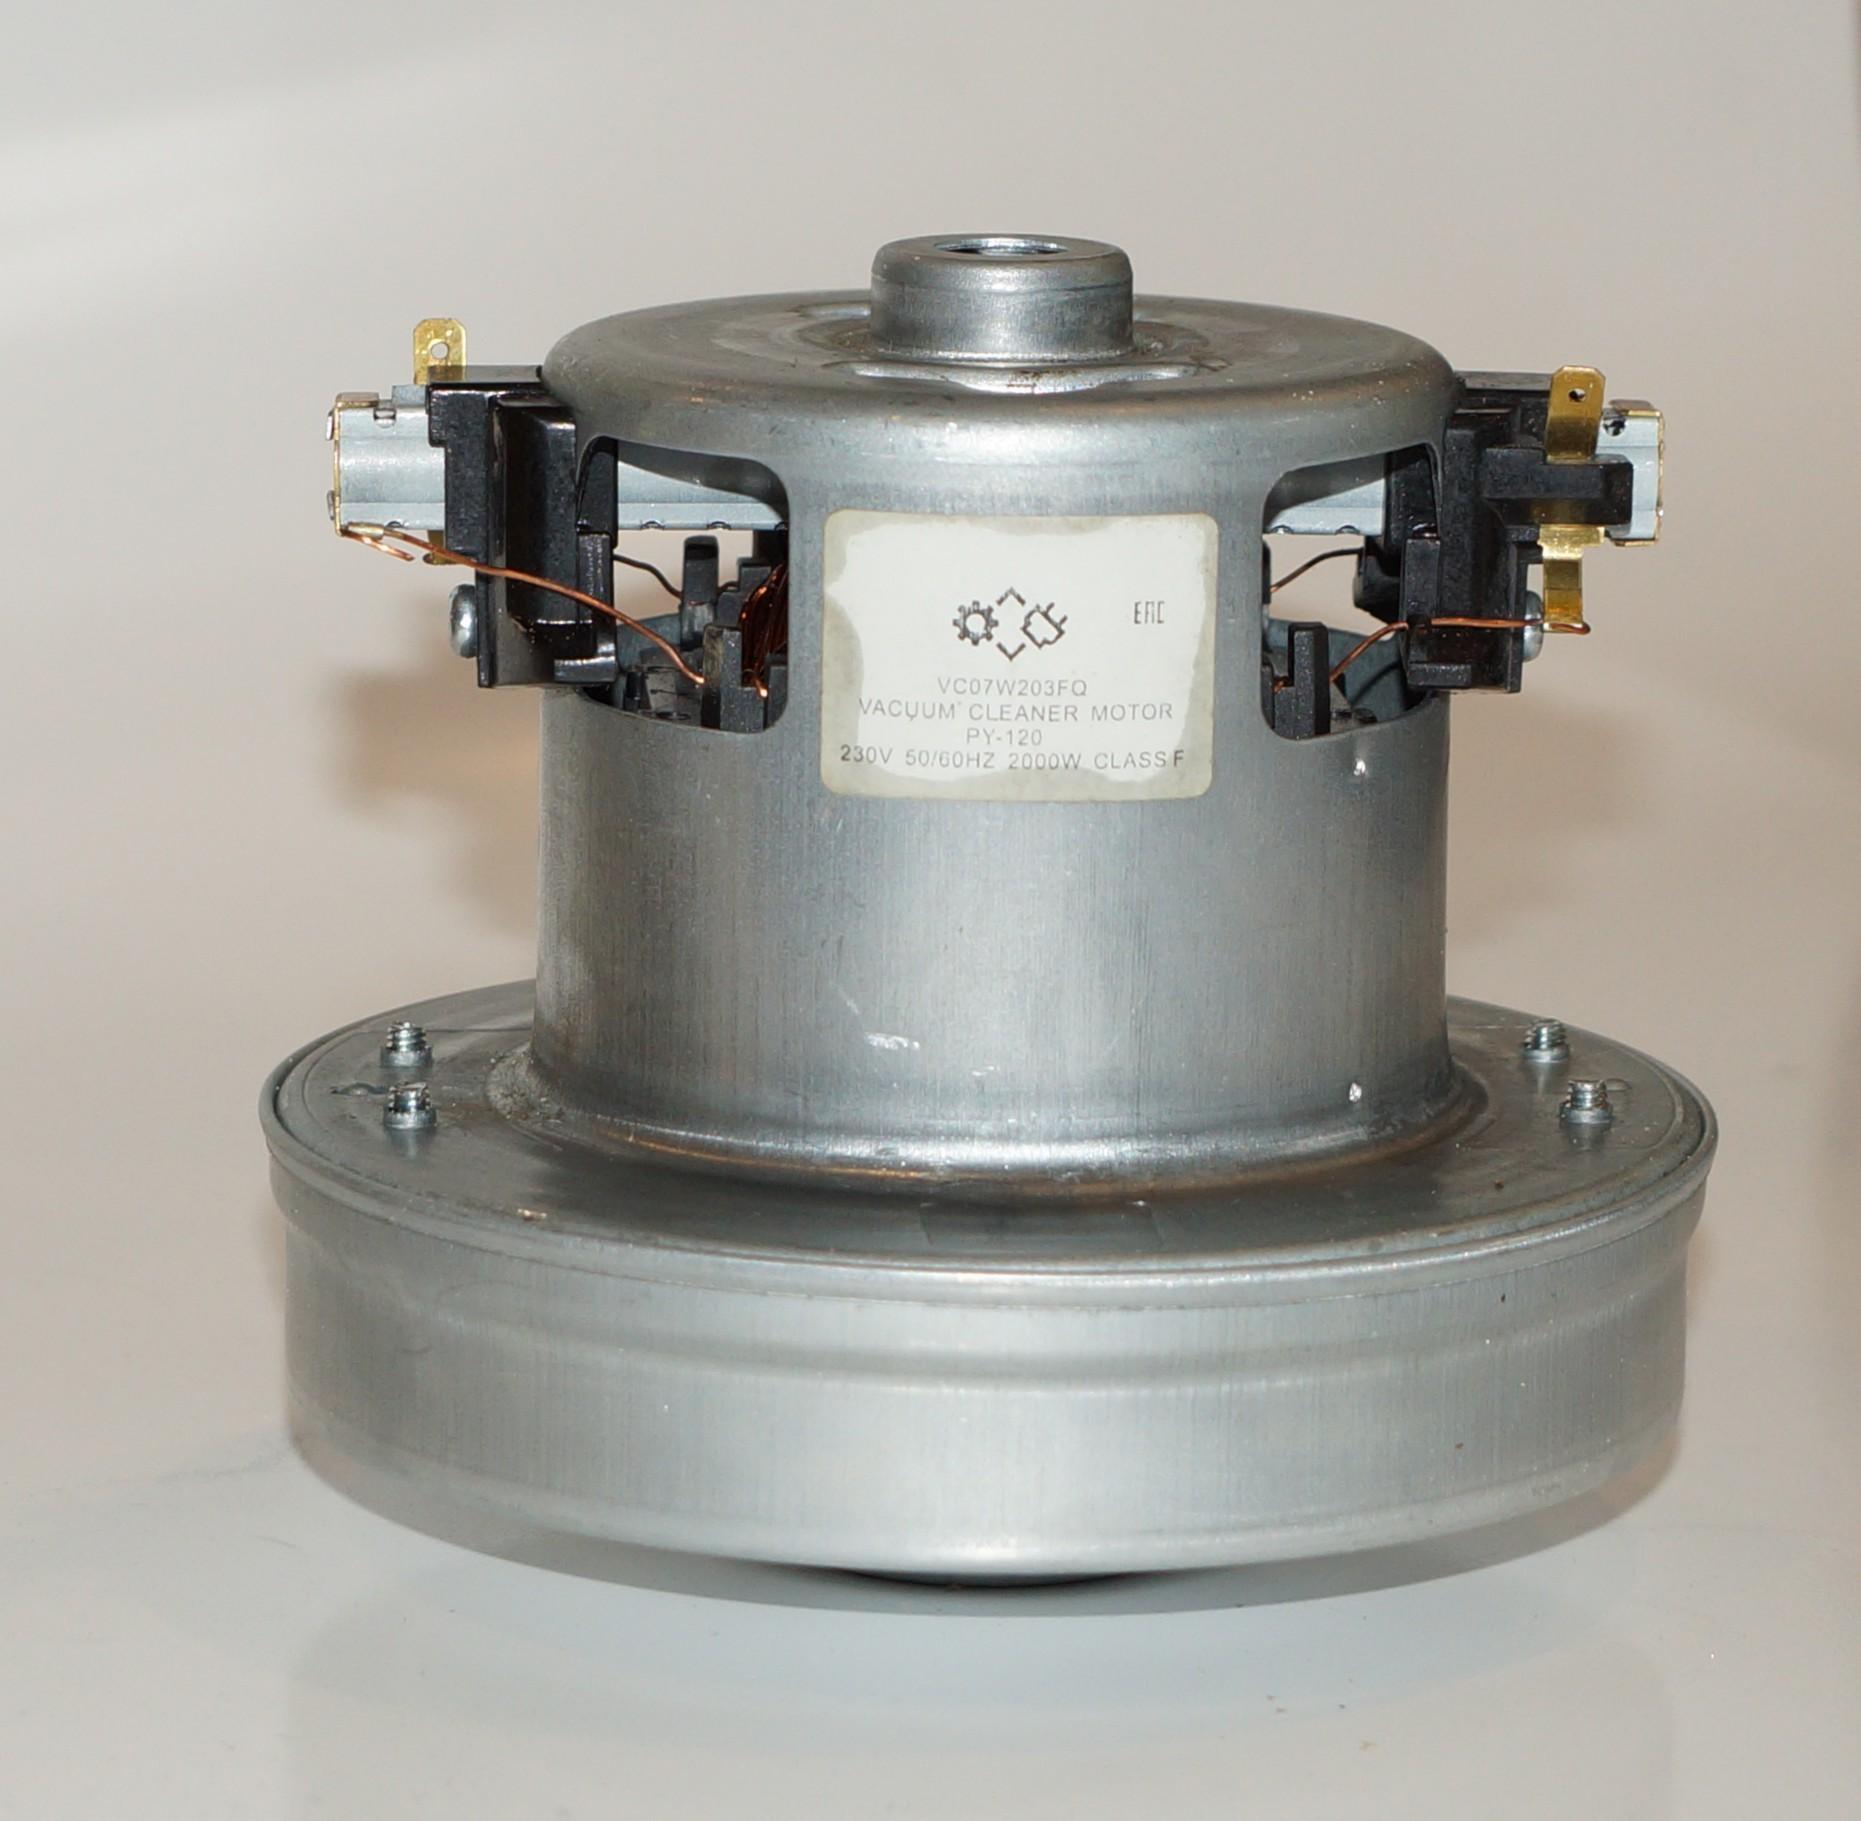 Двигатель пылесоса универсальный 2000W D-130мм, H-120мм. VC07W203FQ PY-120